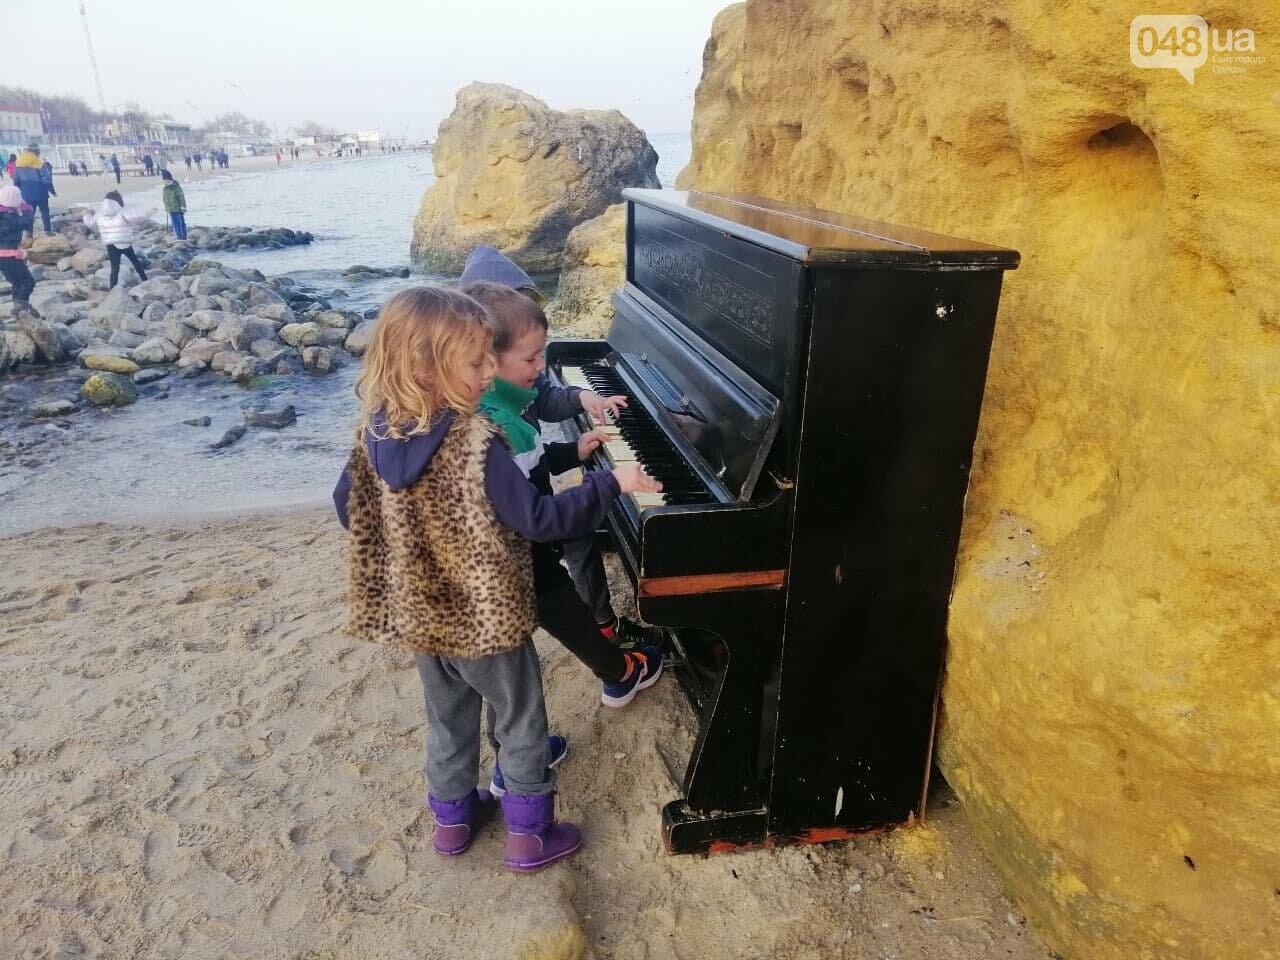 Пианино на Отраде: В Одессе на пляже звучит музыка,- ФОТО, ВИДЕО , фото-1